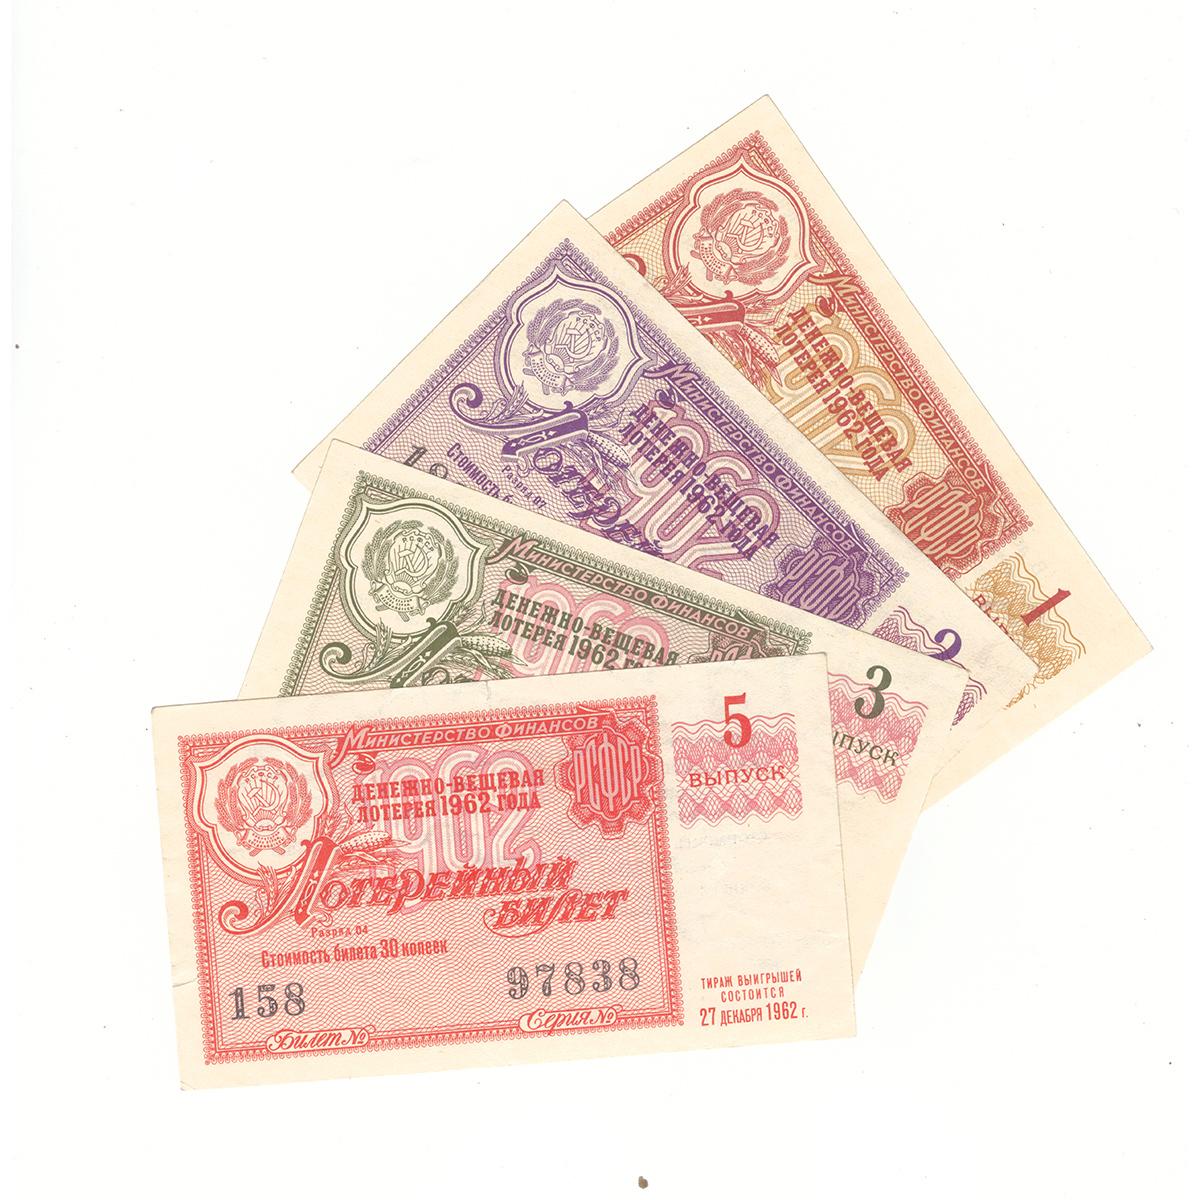 Набор лотерейных билетов Денежно-вещевой лотереи 1962 года (4 шт)